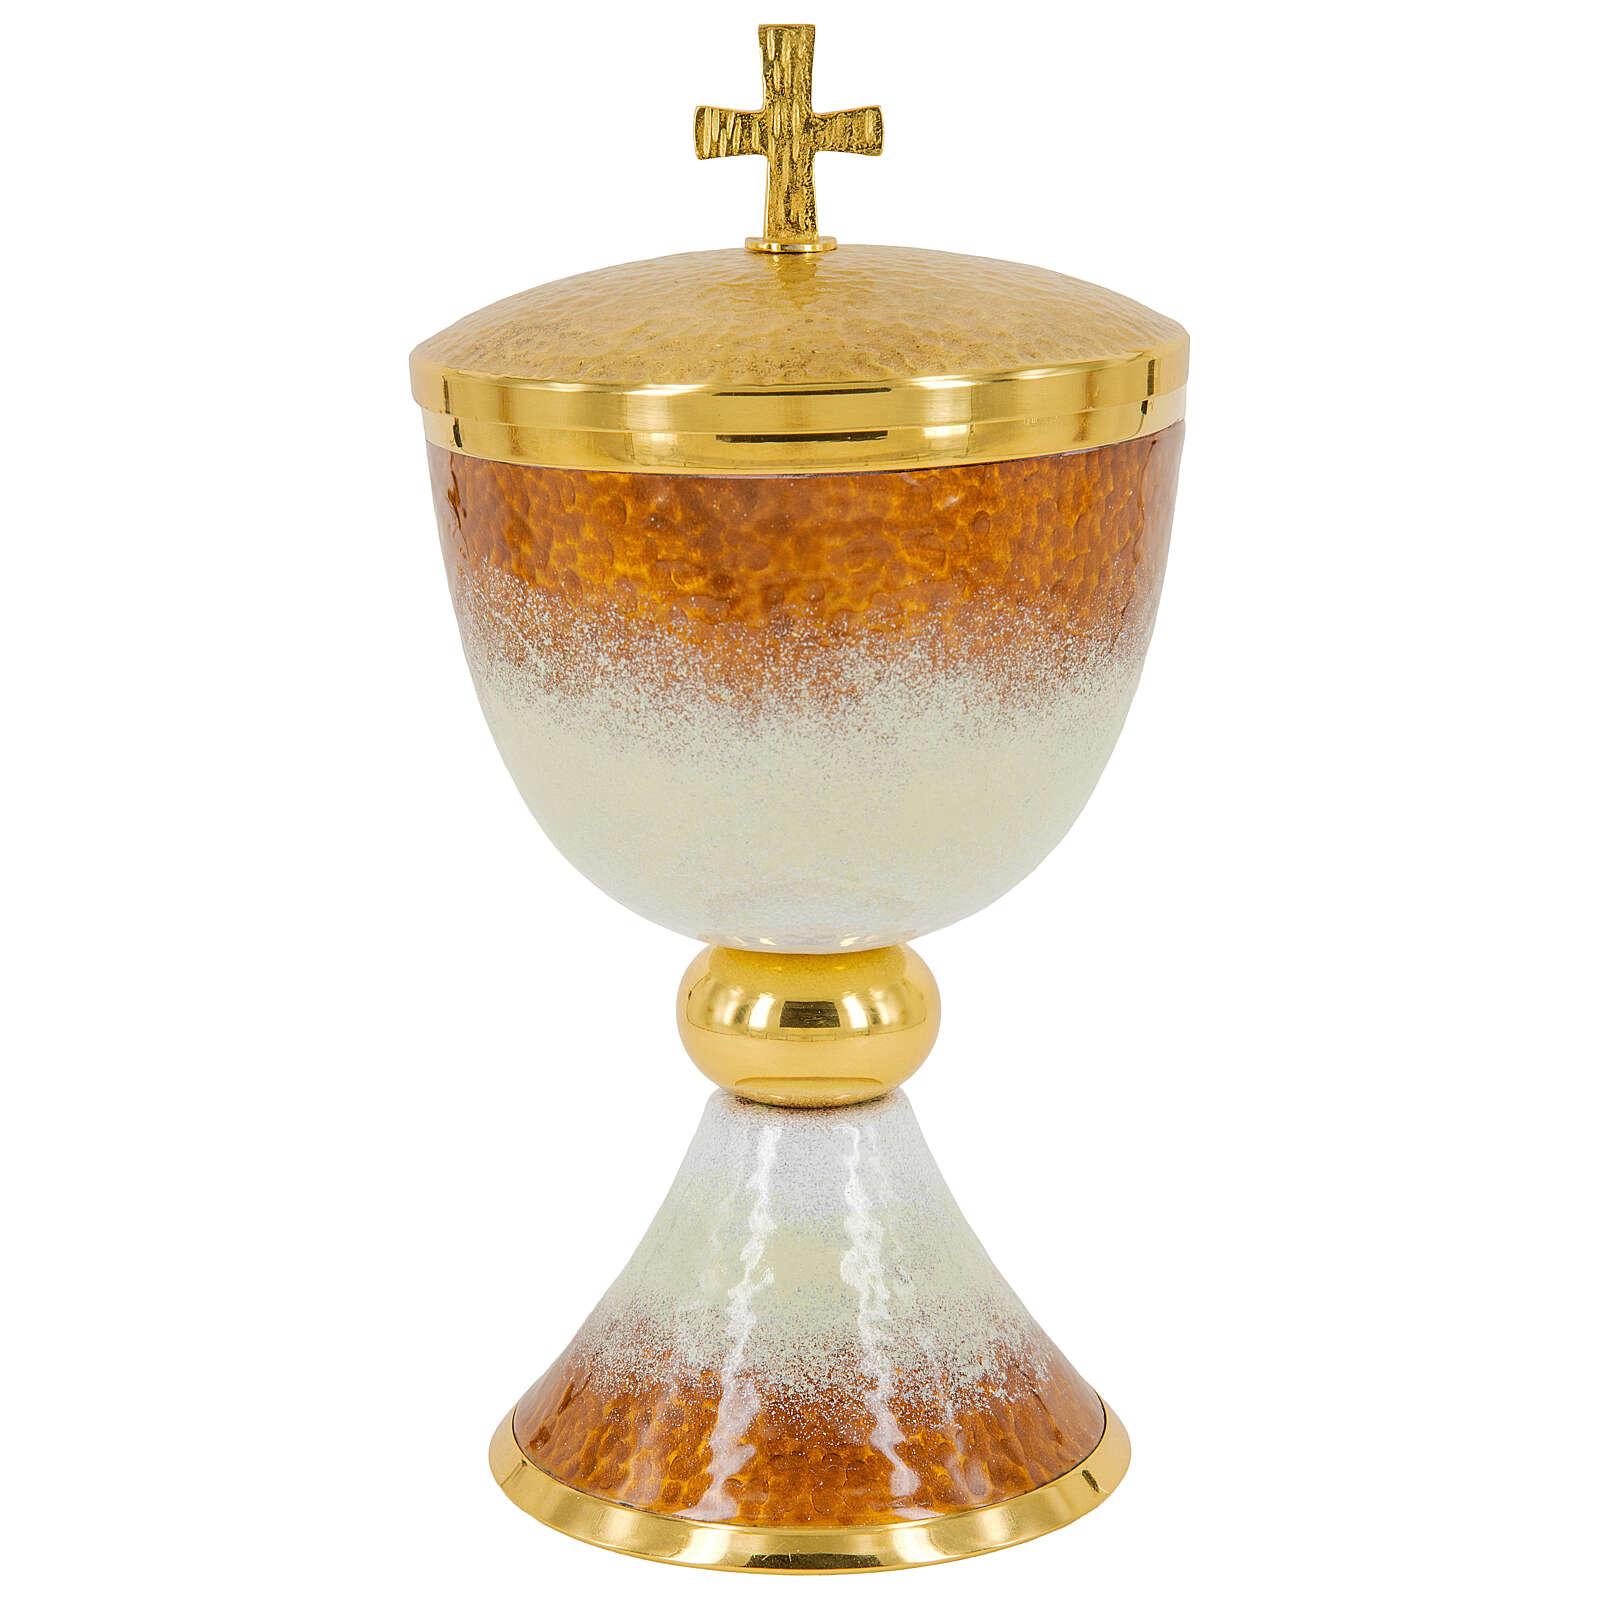 Calice pisside patena offertoriale ottone dorato smalto bianco arancio 4